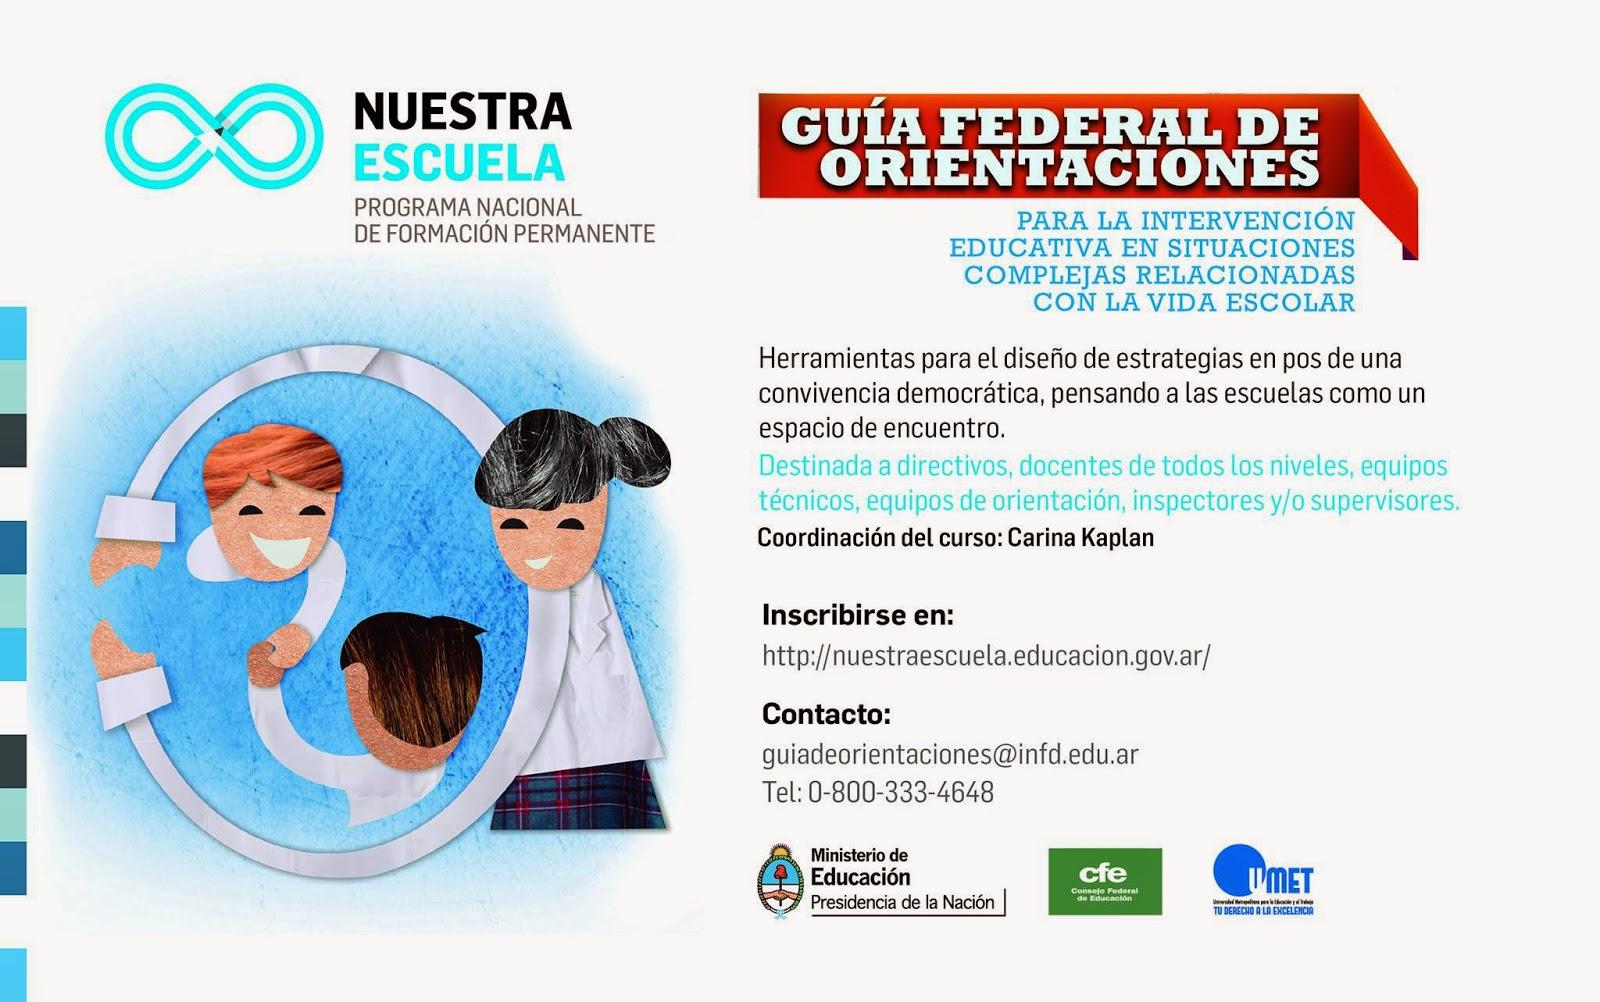 http://portal.educacion.gov.ar/?p=1478